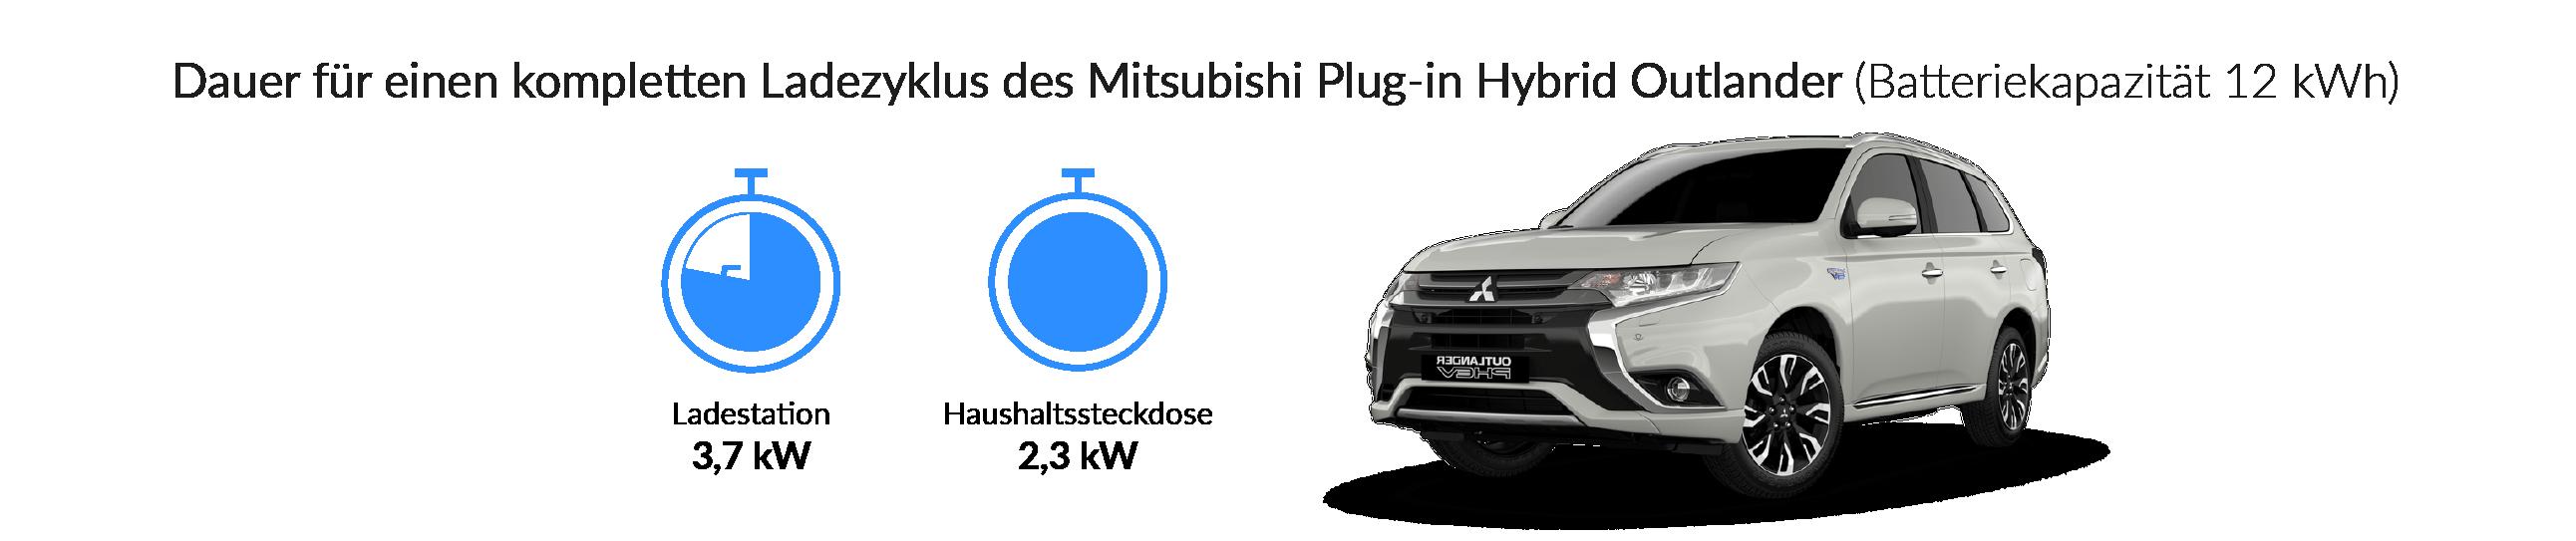 Ladezeiten des Mitsubishi Plug-In Hybrid Outlander